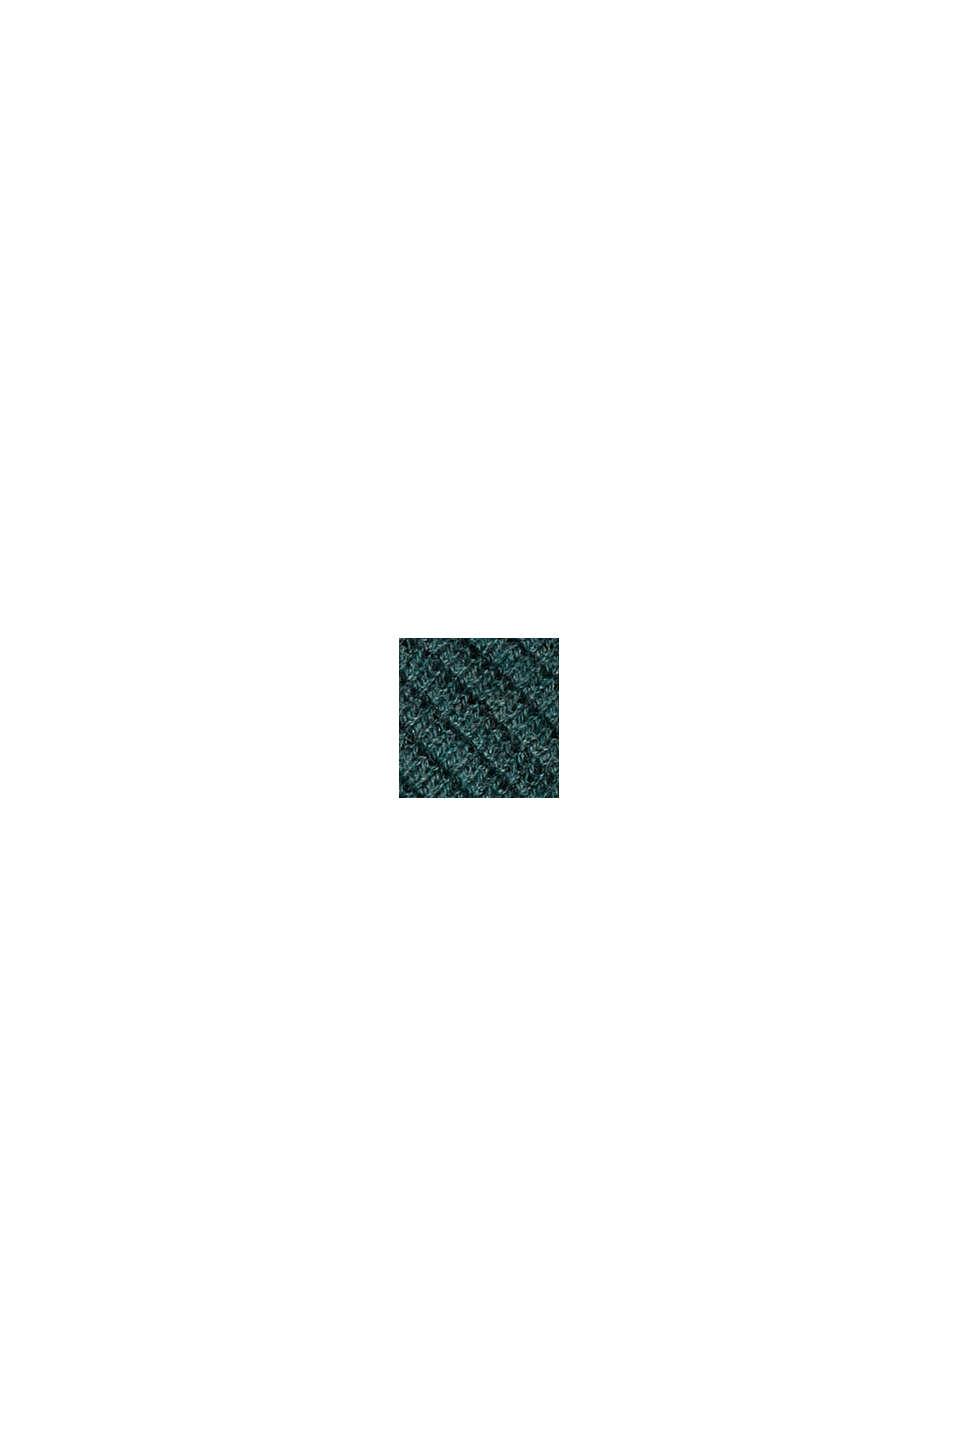 Pull-over texturé, 100% coton biologique, TEAL BLUE, swatch